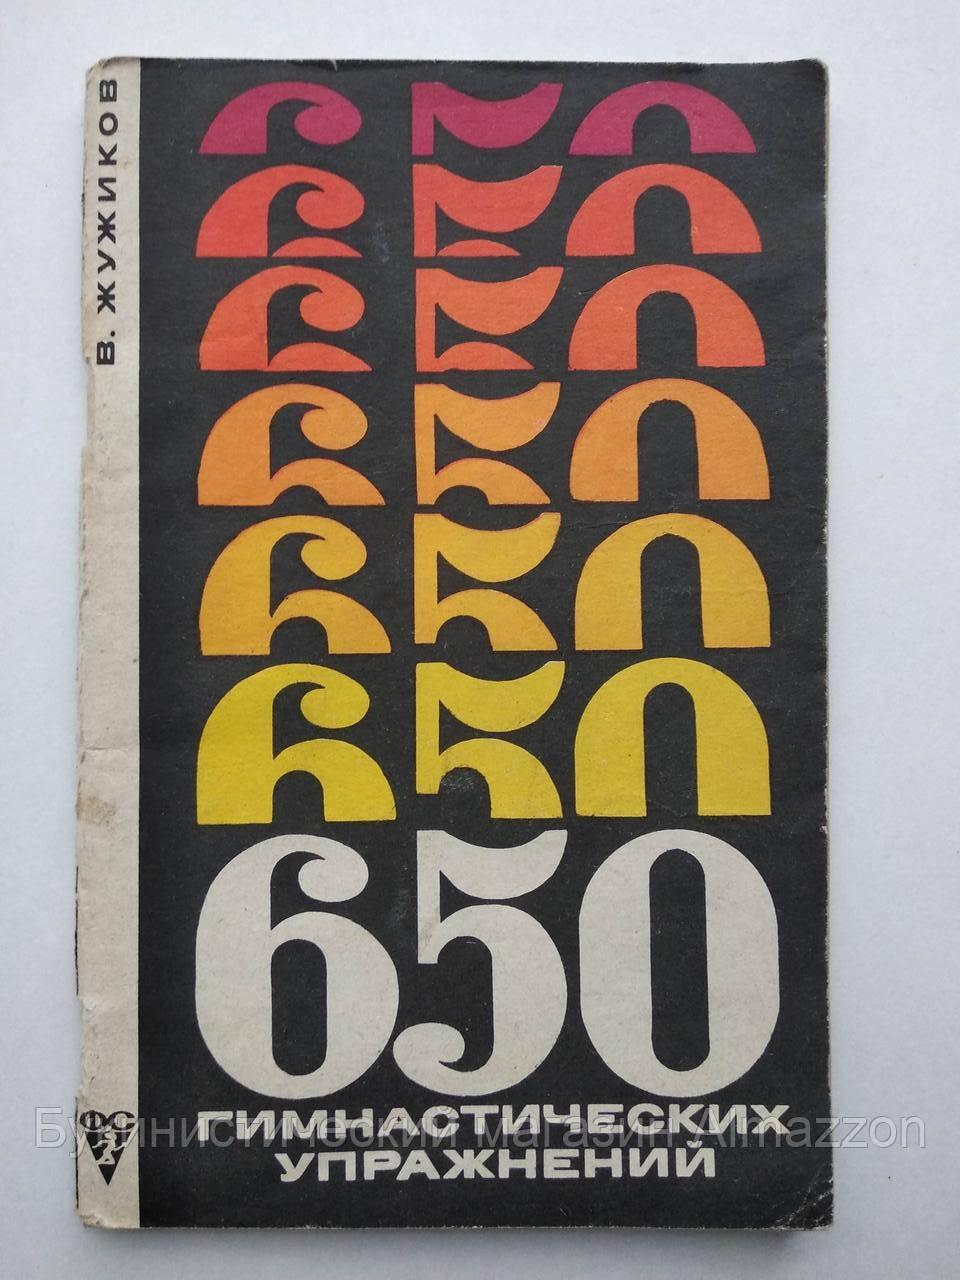 650 гімнастичних вправ Ст. Жужиків